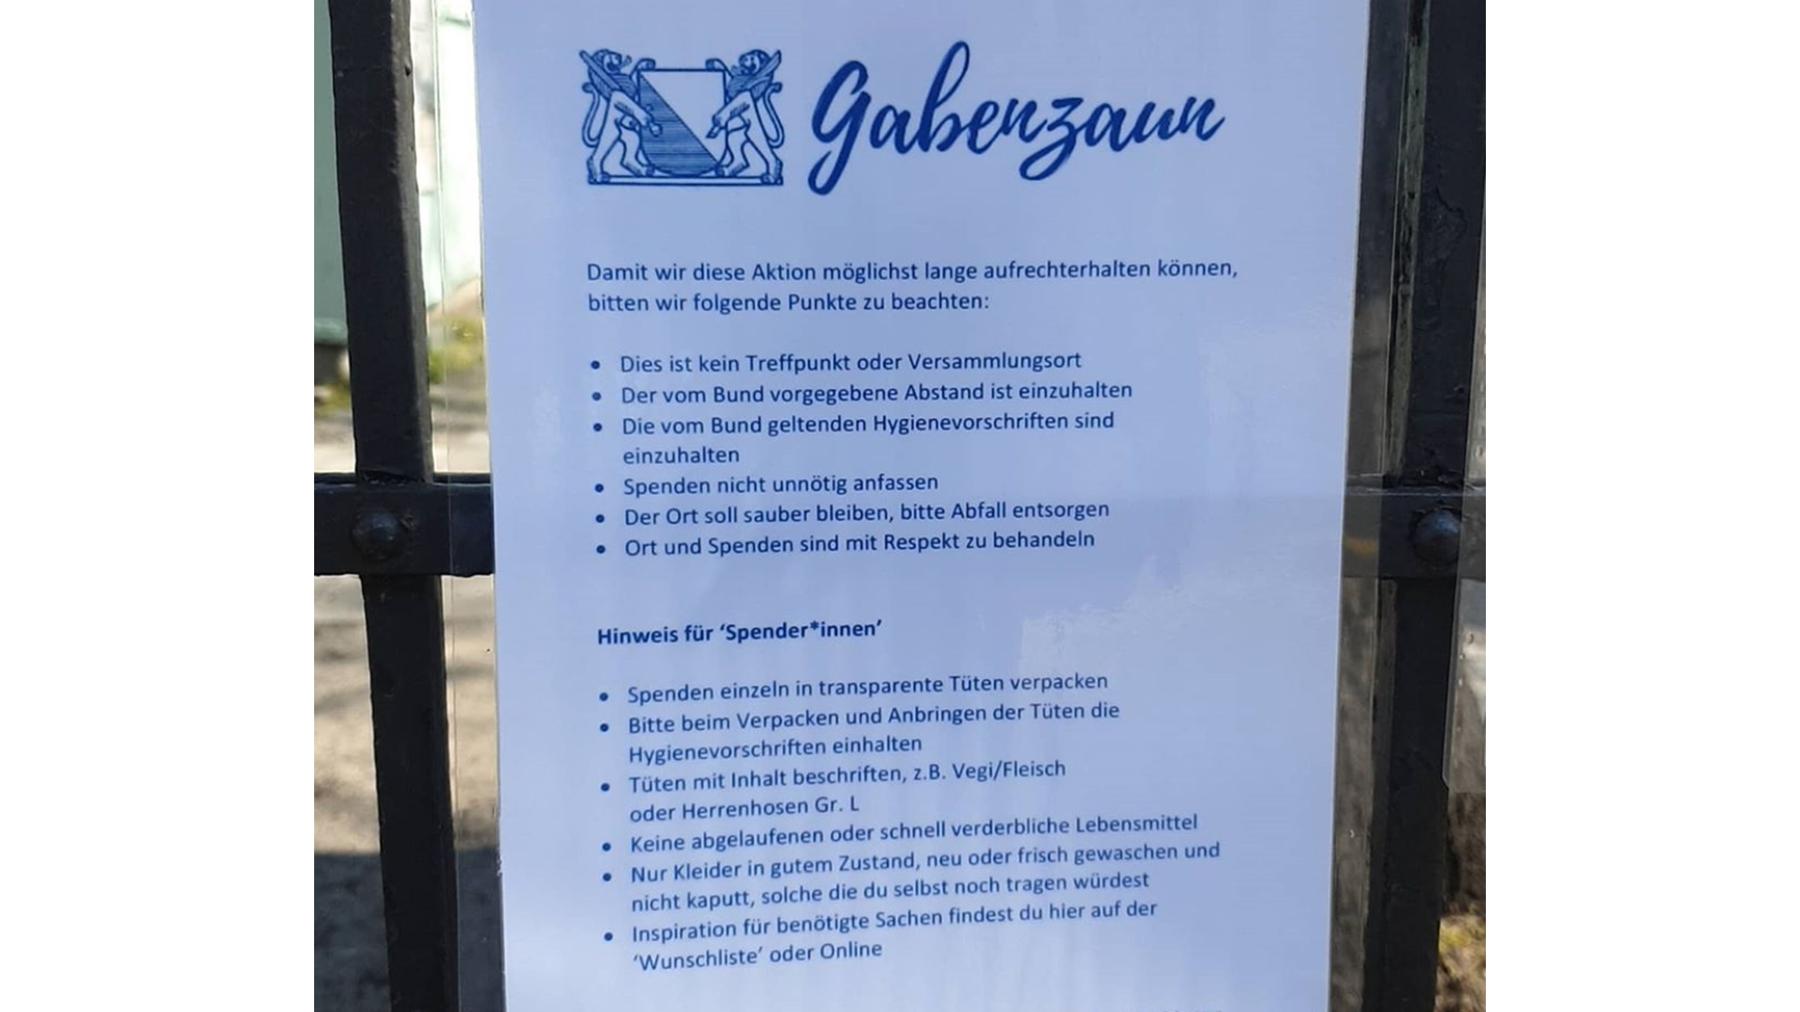 Regeln Gabenzaun ZH